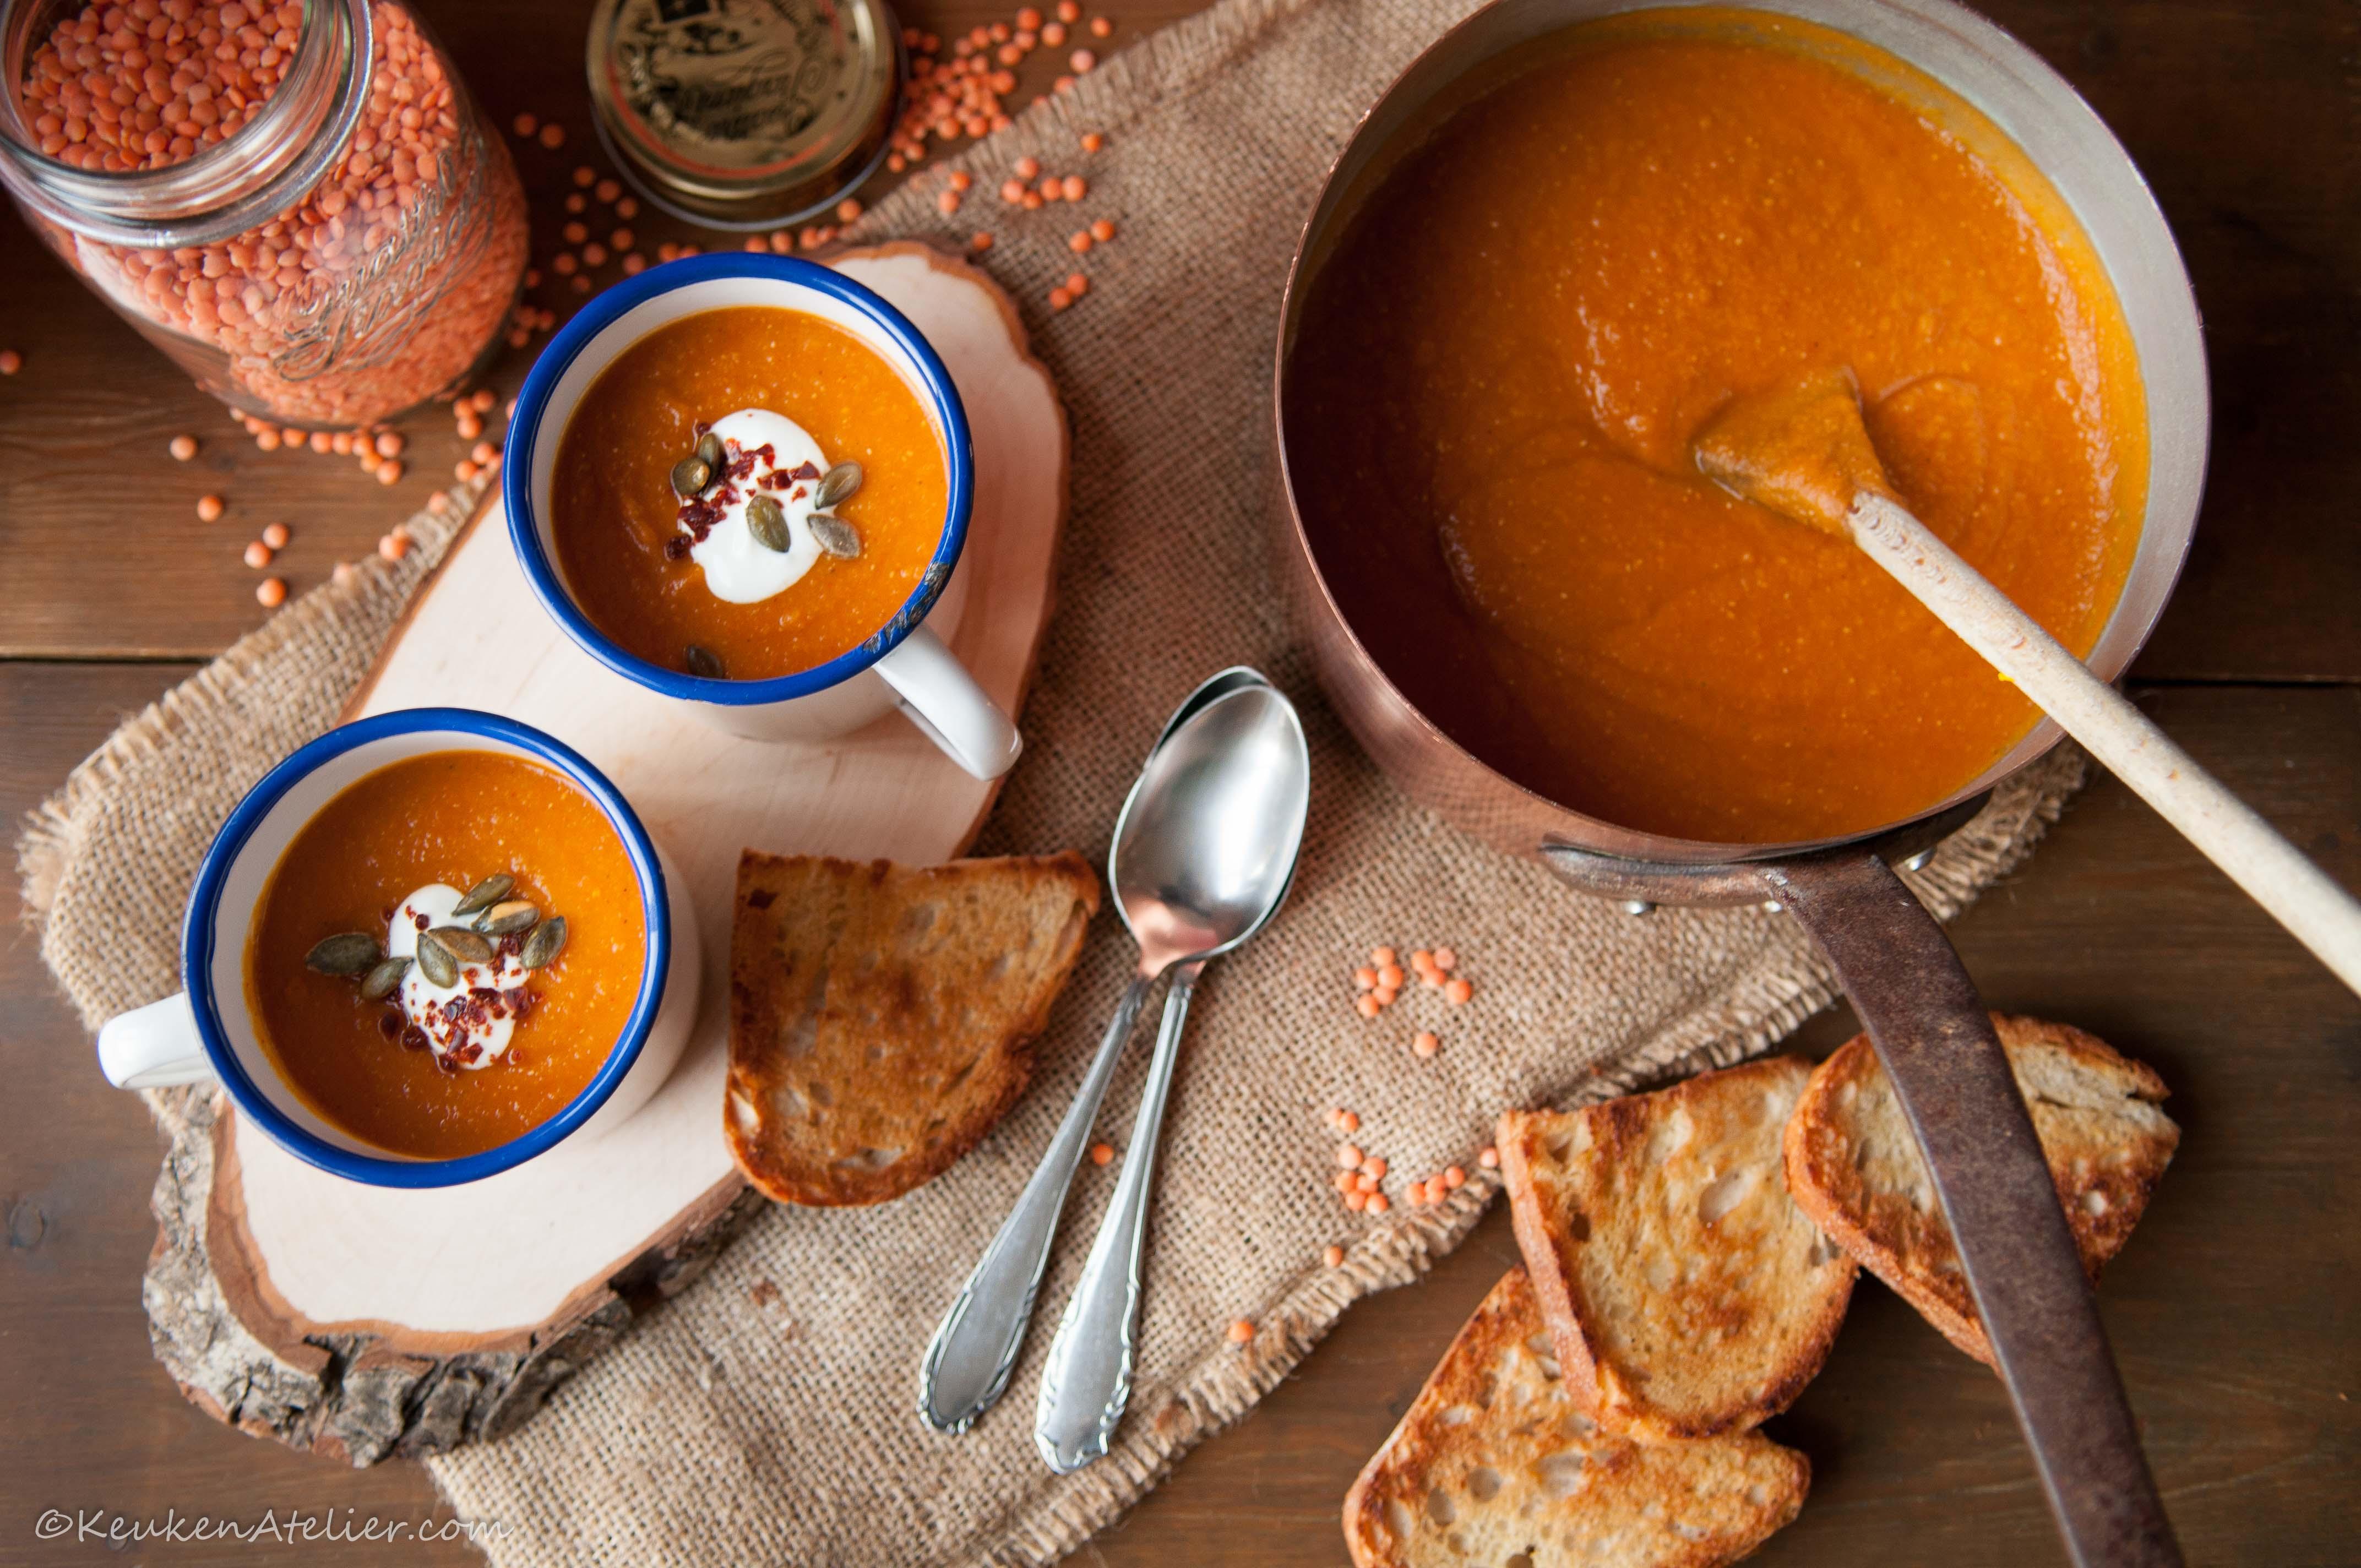 Rode linzensoep met zoete aardappel (2) | KeukenAtelier.com